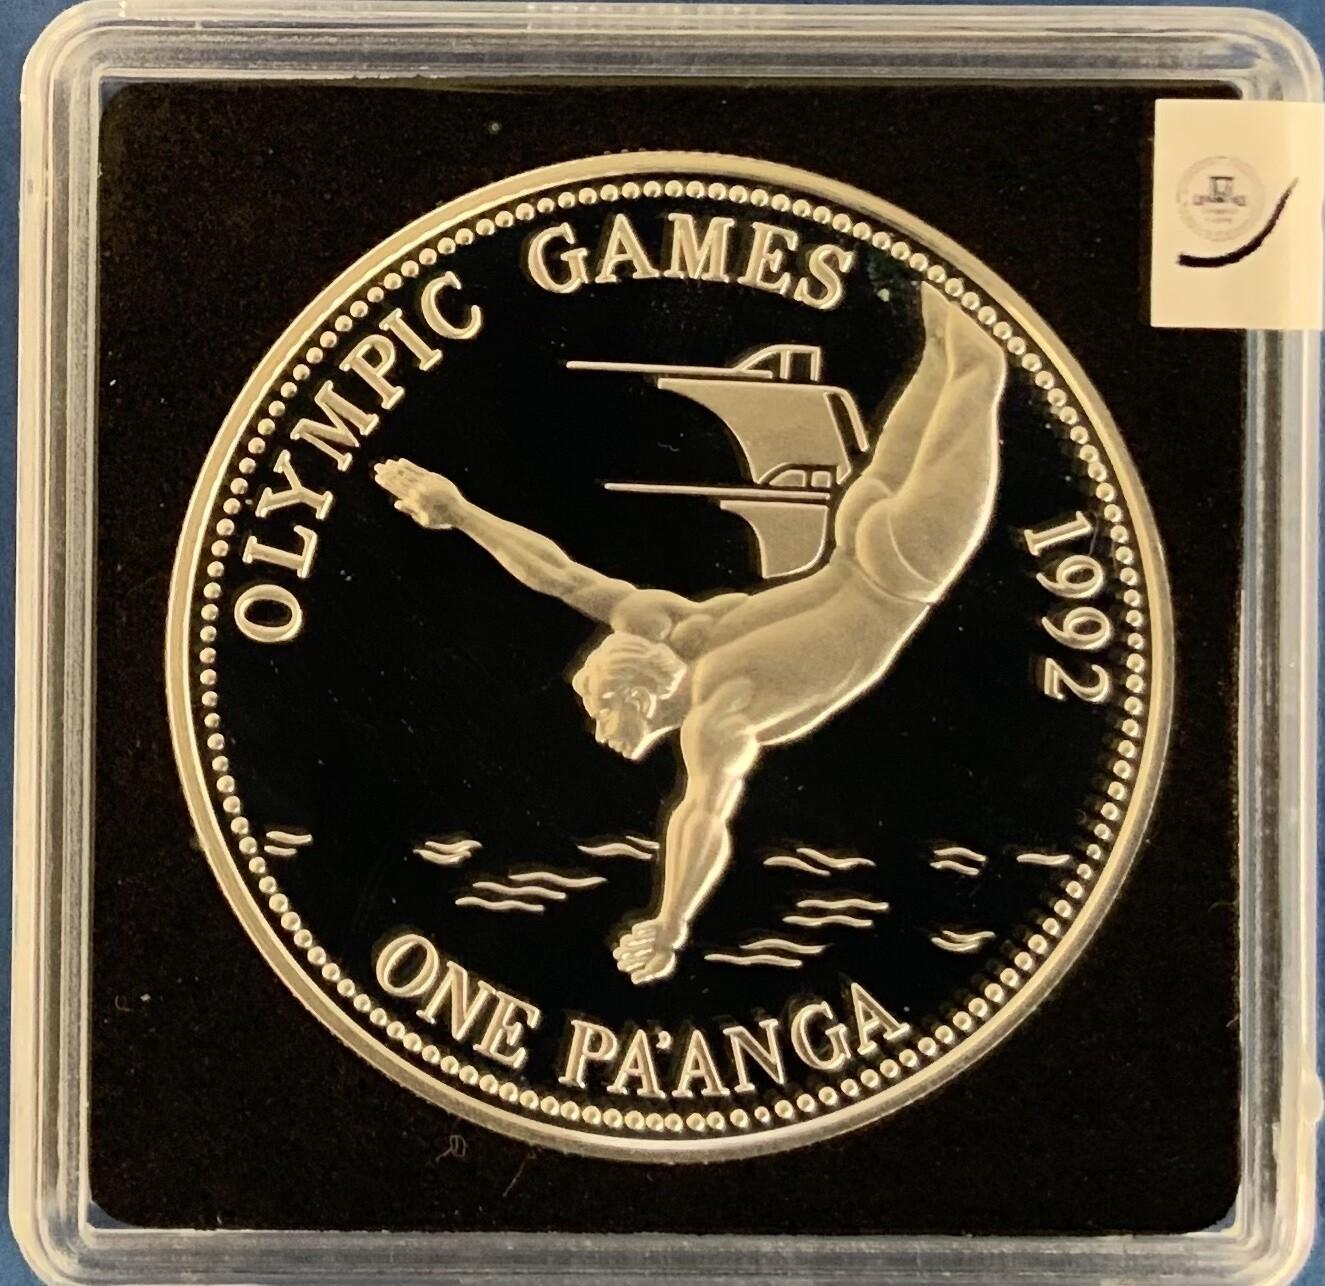 Kingdom of Tonga 1 Pa'anga Olympic Games 1992